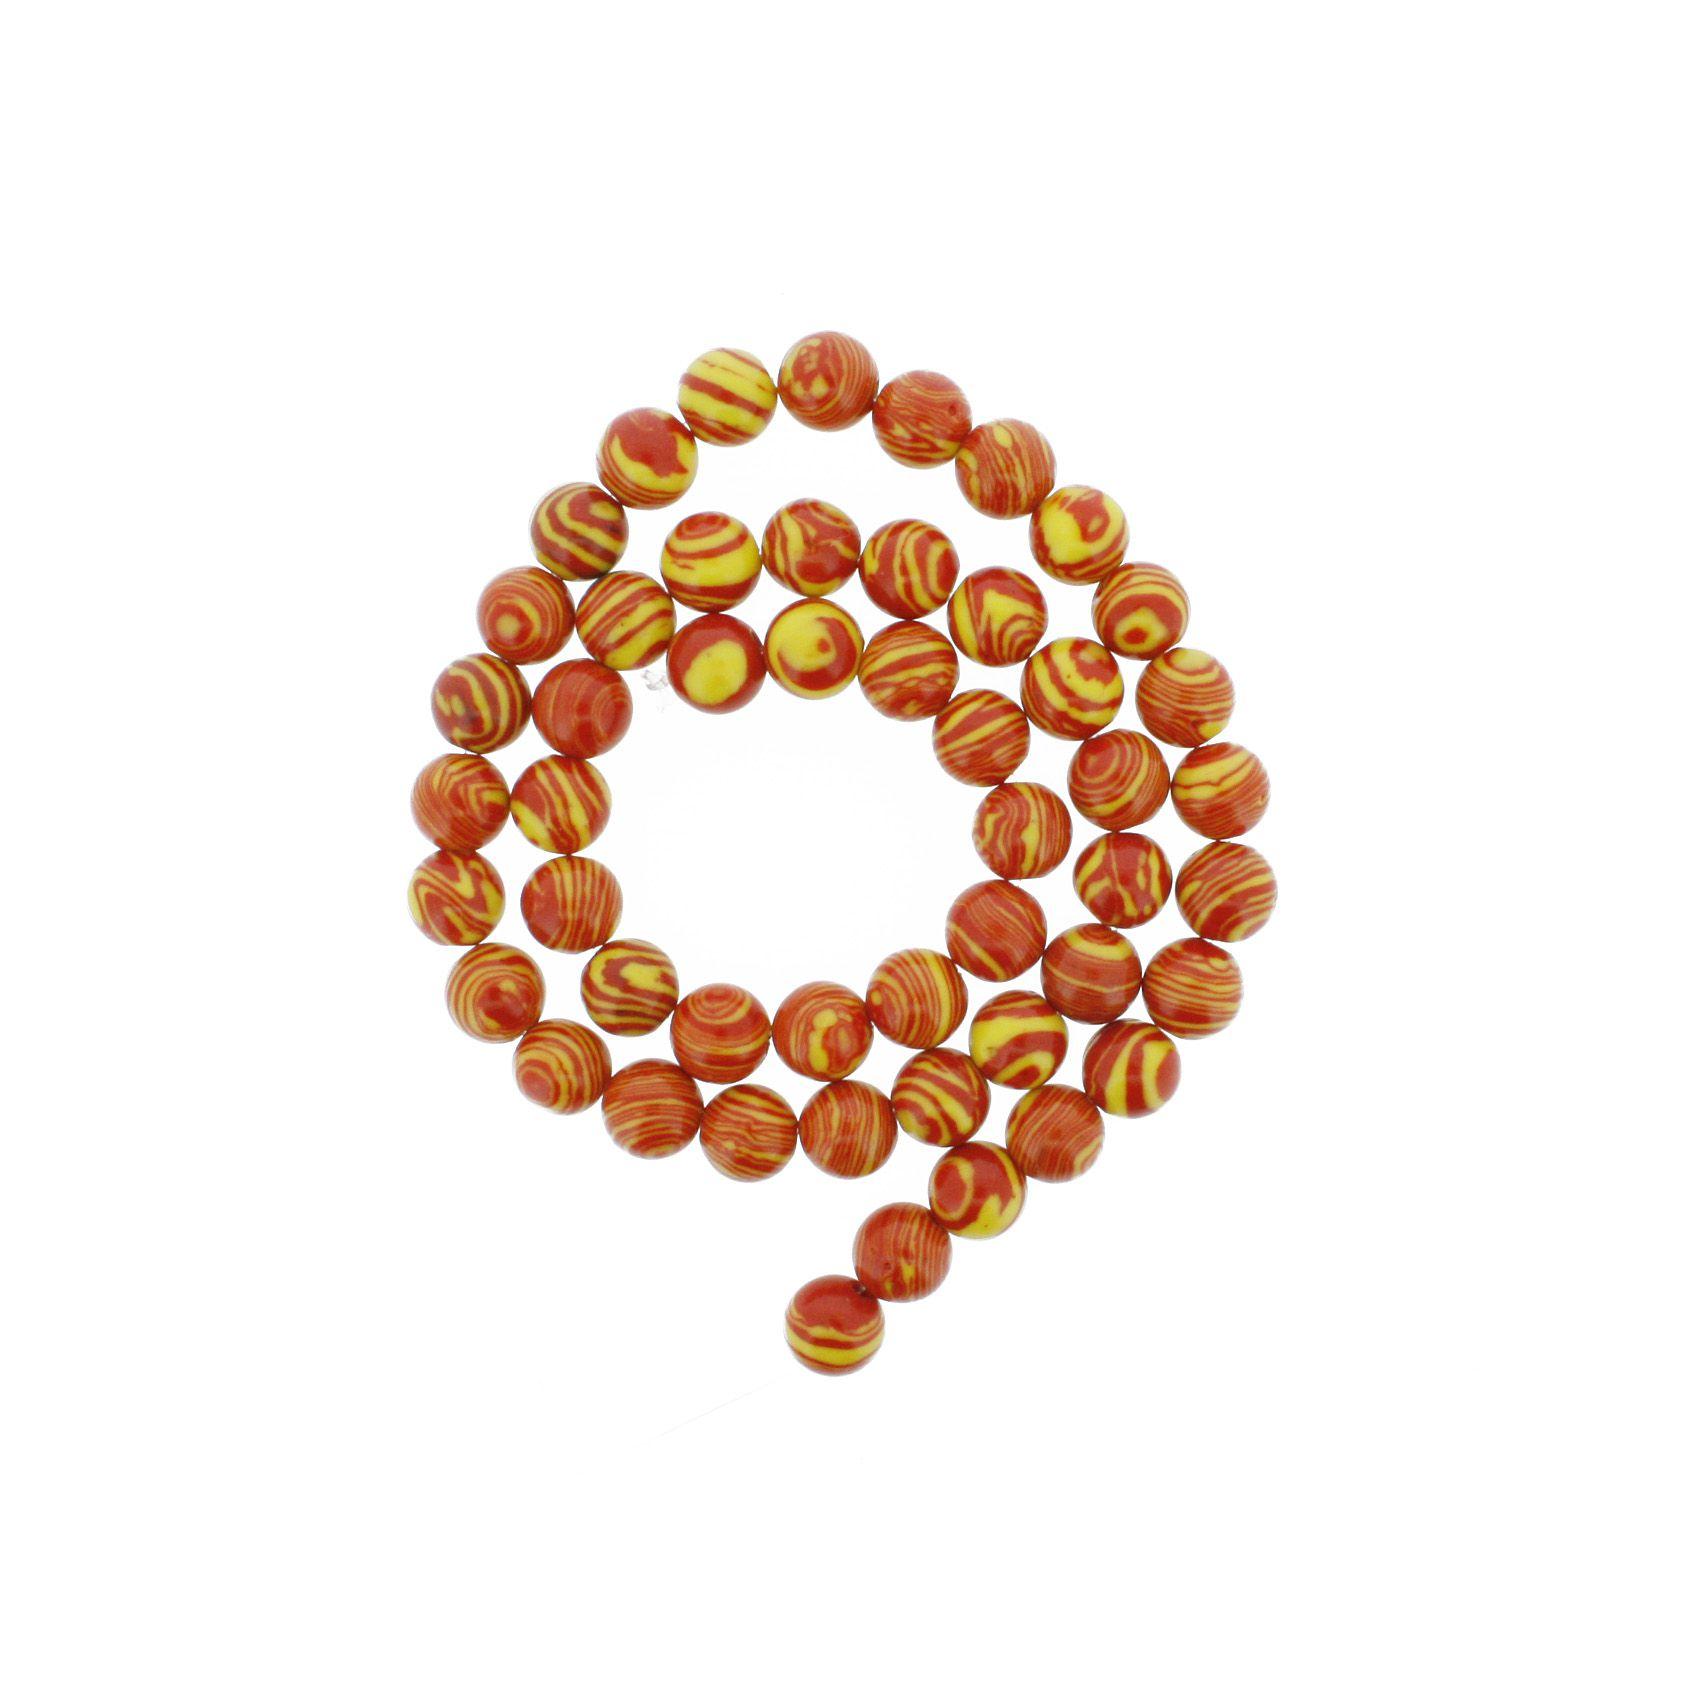 Fio de Pedra - Malaquita Vermelha e Amarela - 8mm  - Stéphanie Bijoux® - Peças para Bijuterias e Artesanato